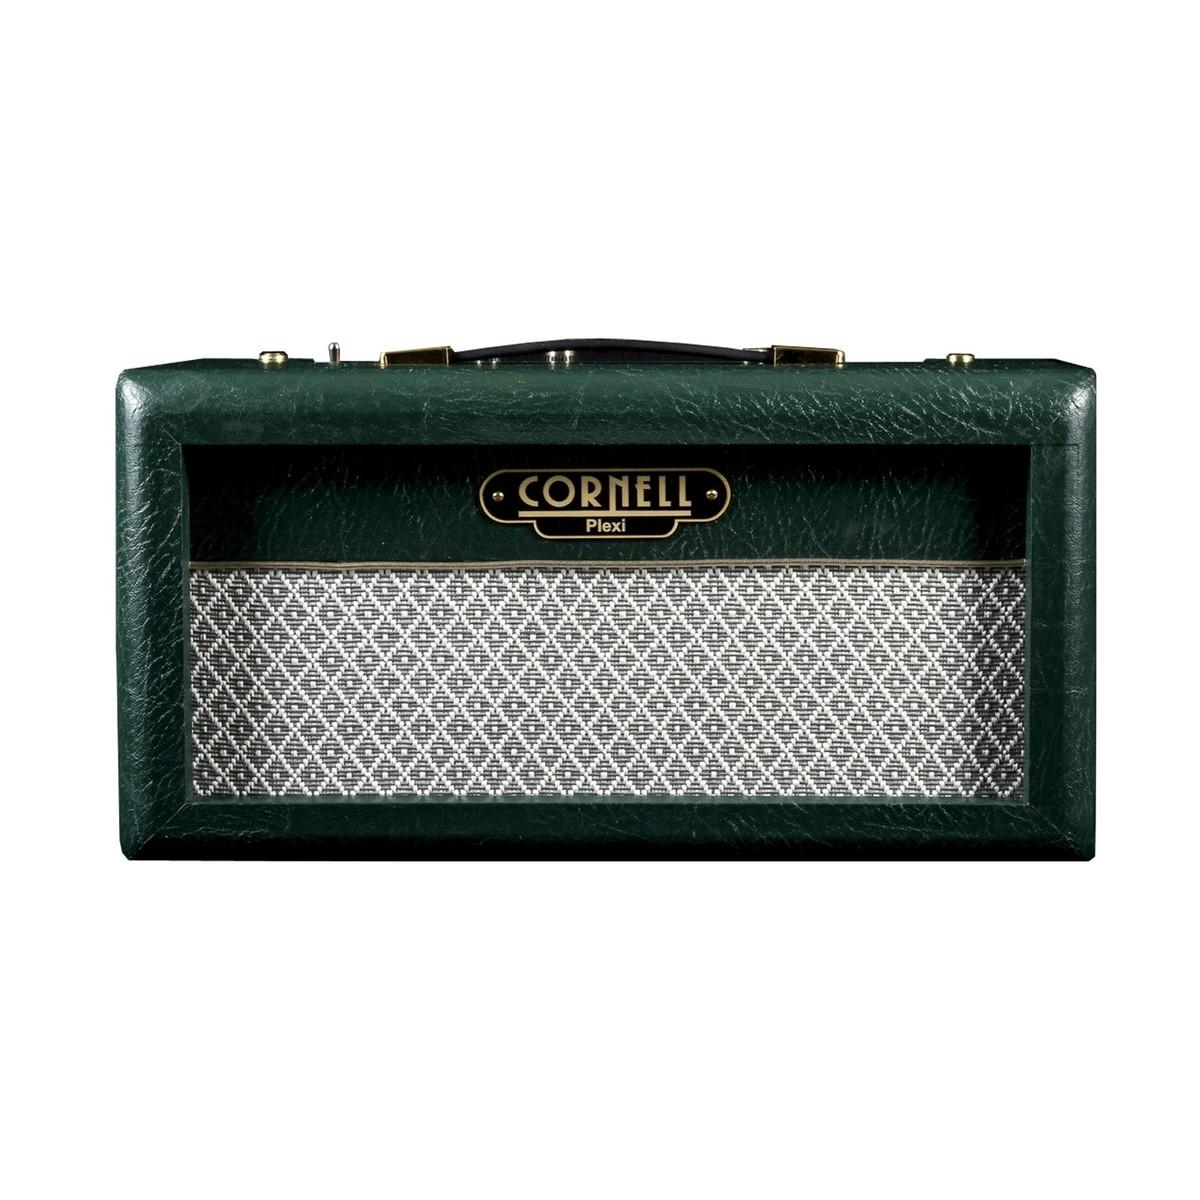 Cornell Plexi 7 Head Amplifier en Gear4Music.com